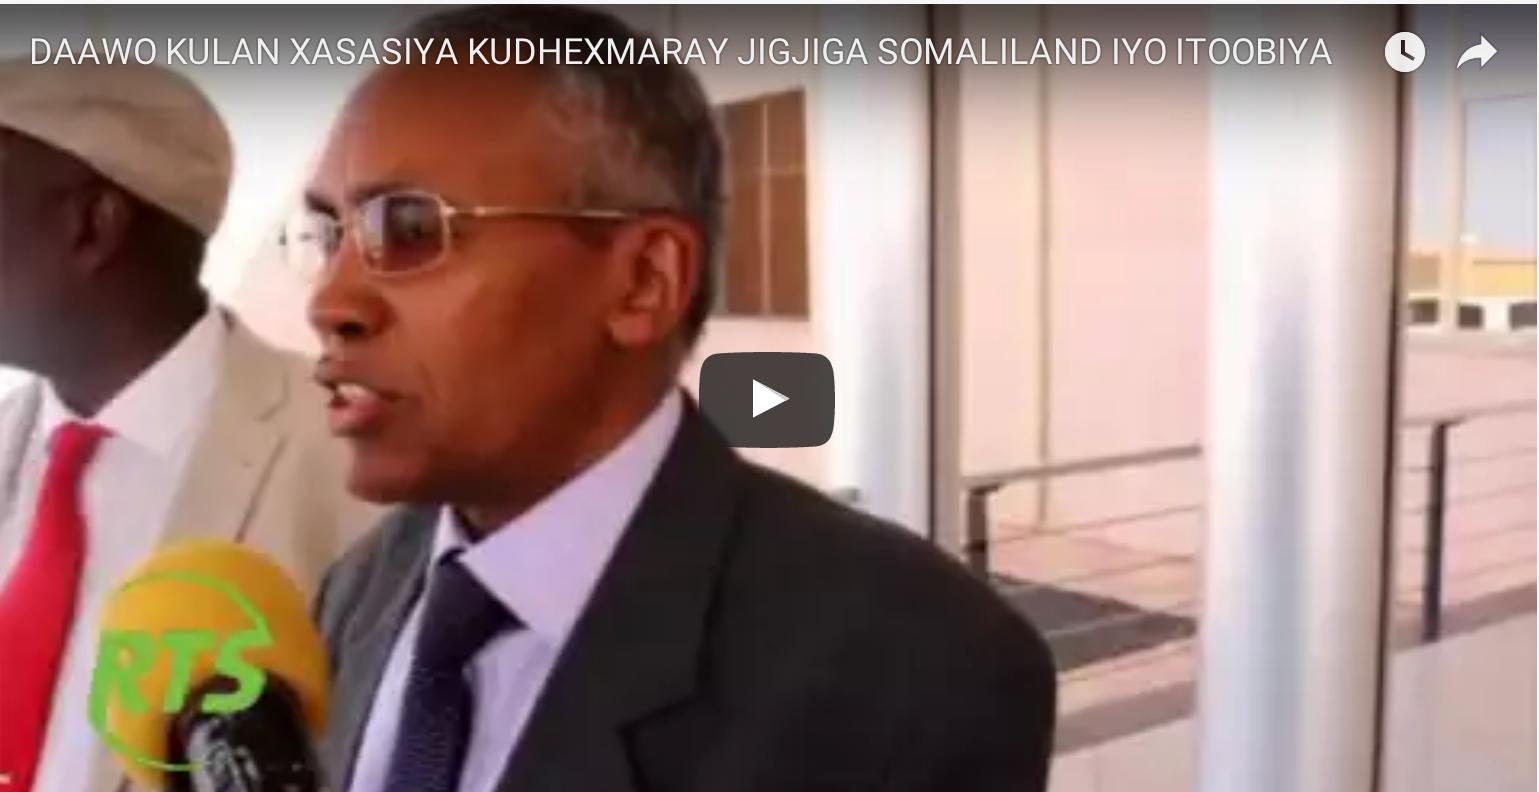 Daawo khudbadaha beentii Jigjiga - Wasiiradda Somaliland iyo Cabdi Ileey